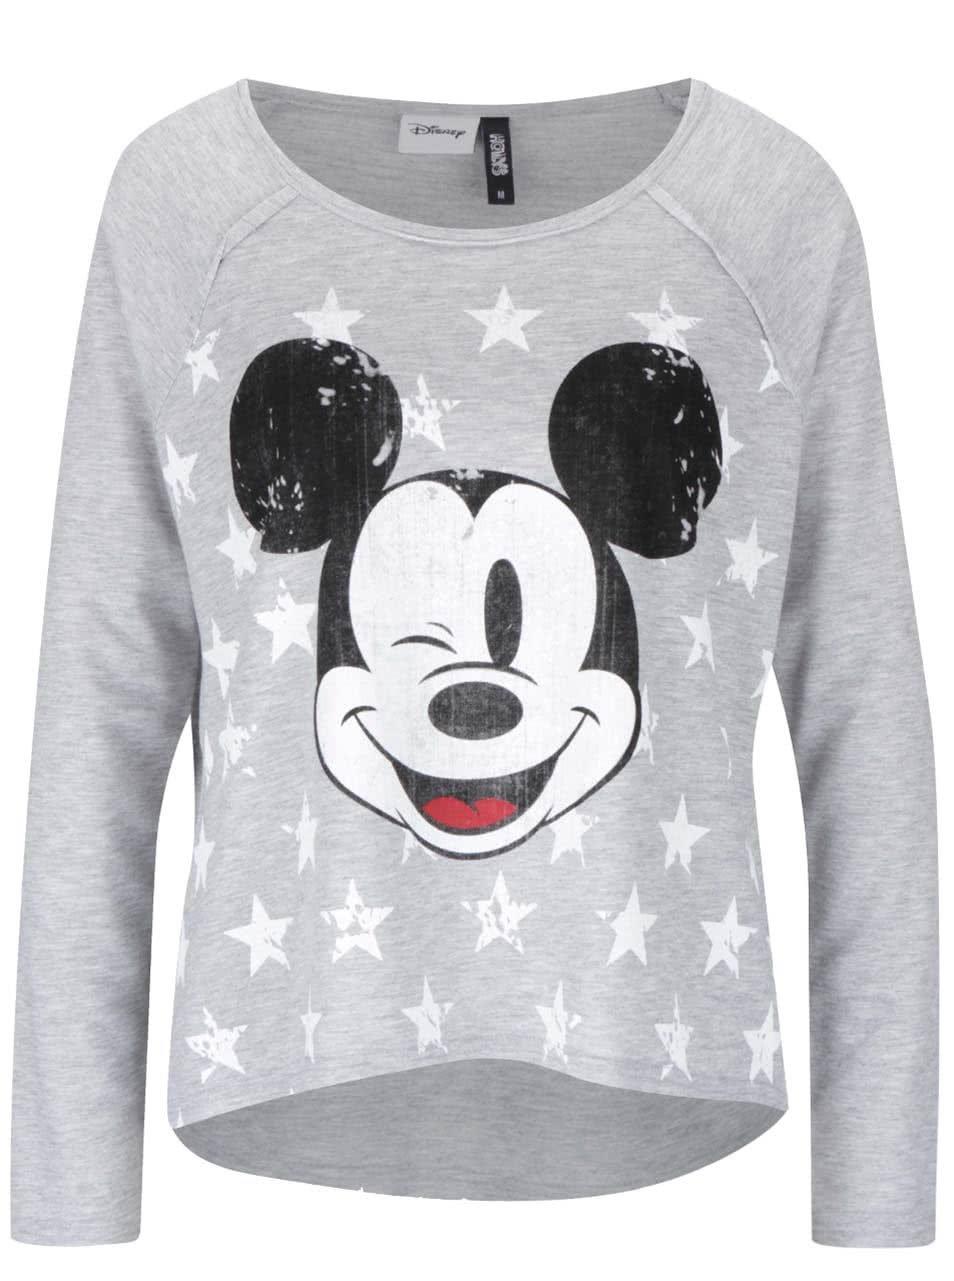 8b65a786c0fa Sivé dámske tričko s potlačou Mickey Mouse Haily s Micka ...